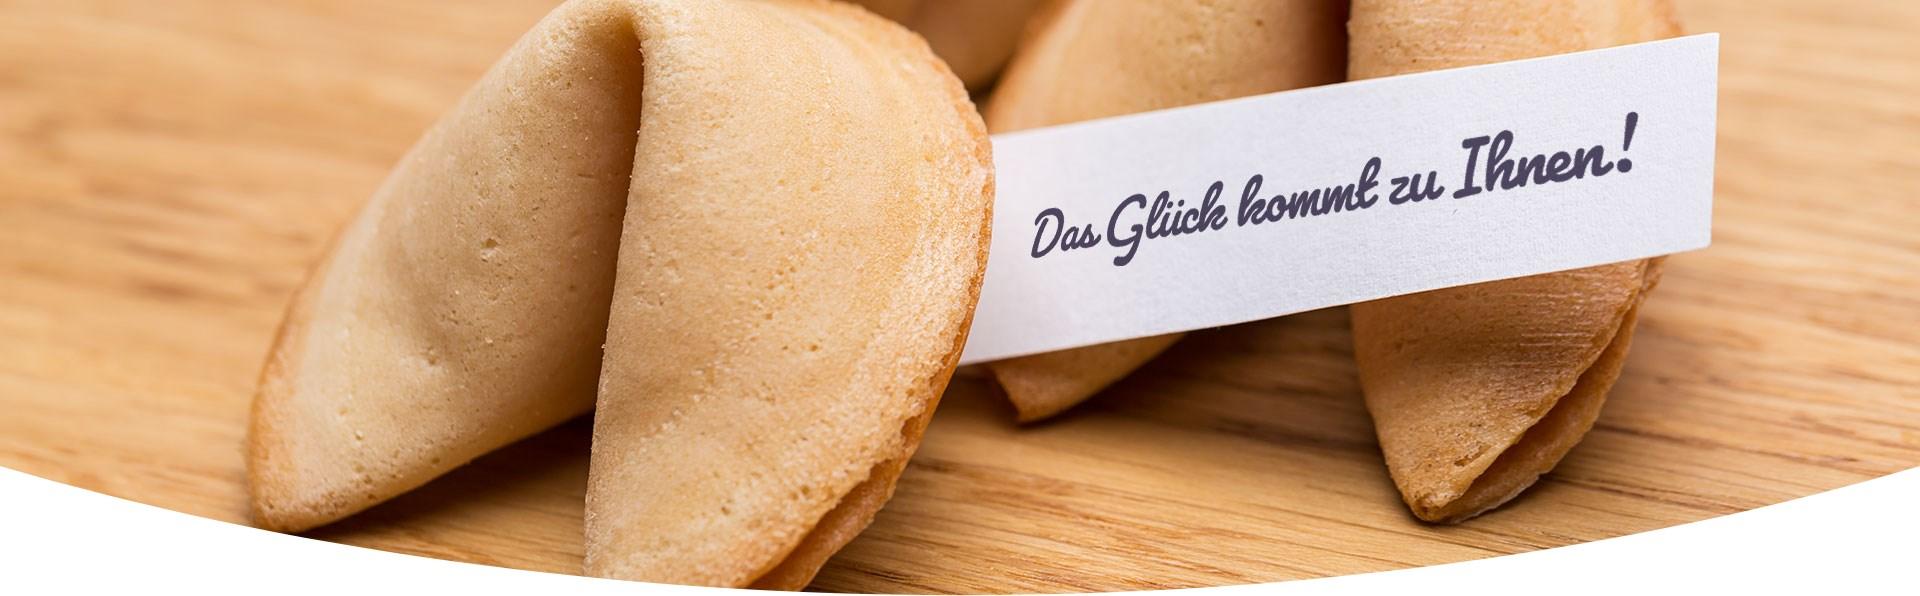 """Two fortune cookies with the slogan """"Das Glück kommt zu Ihnen!"""""""